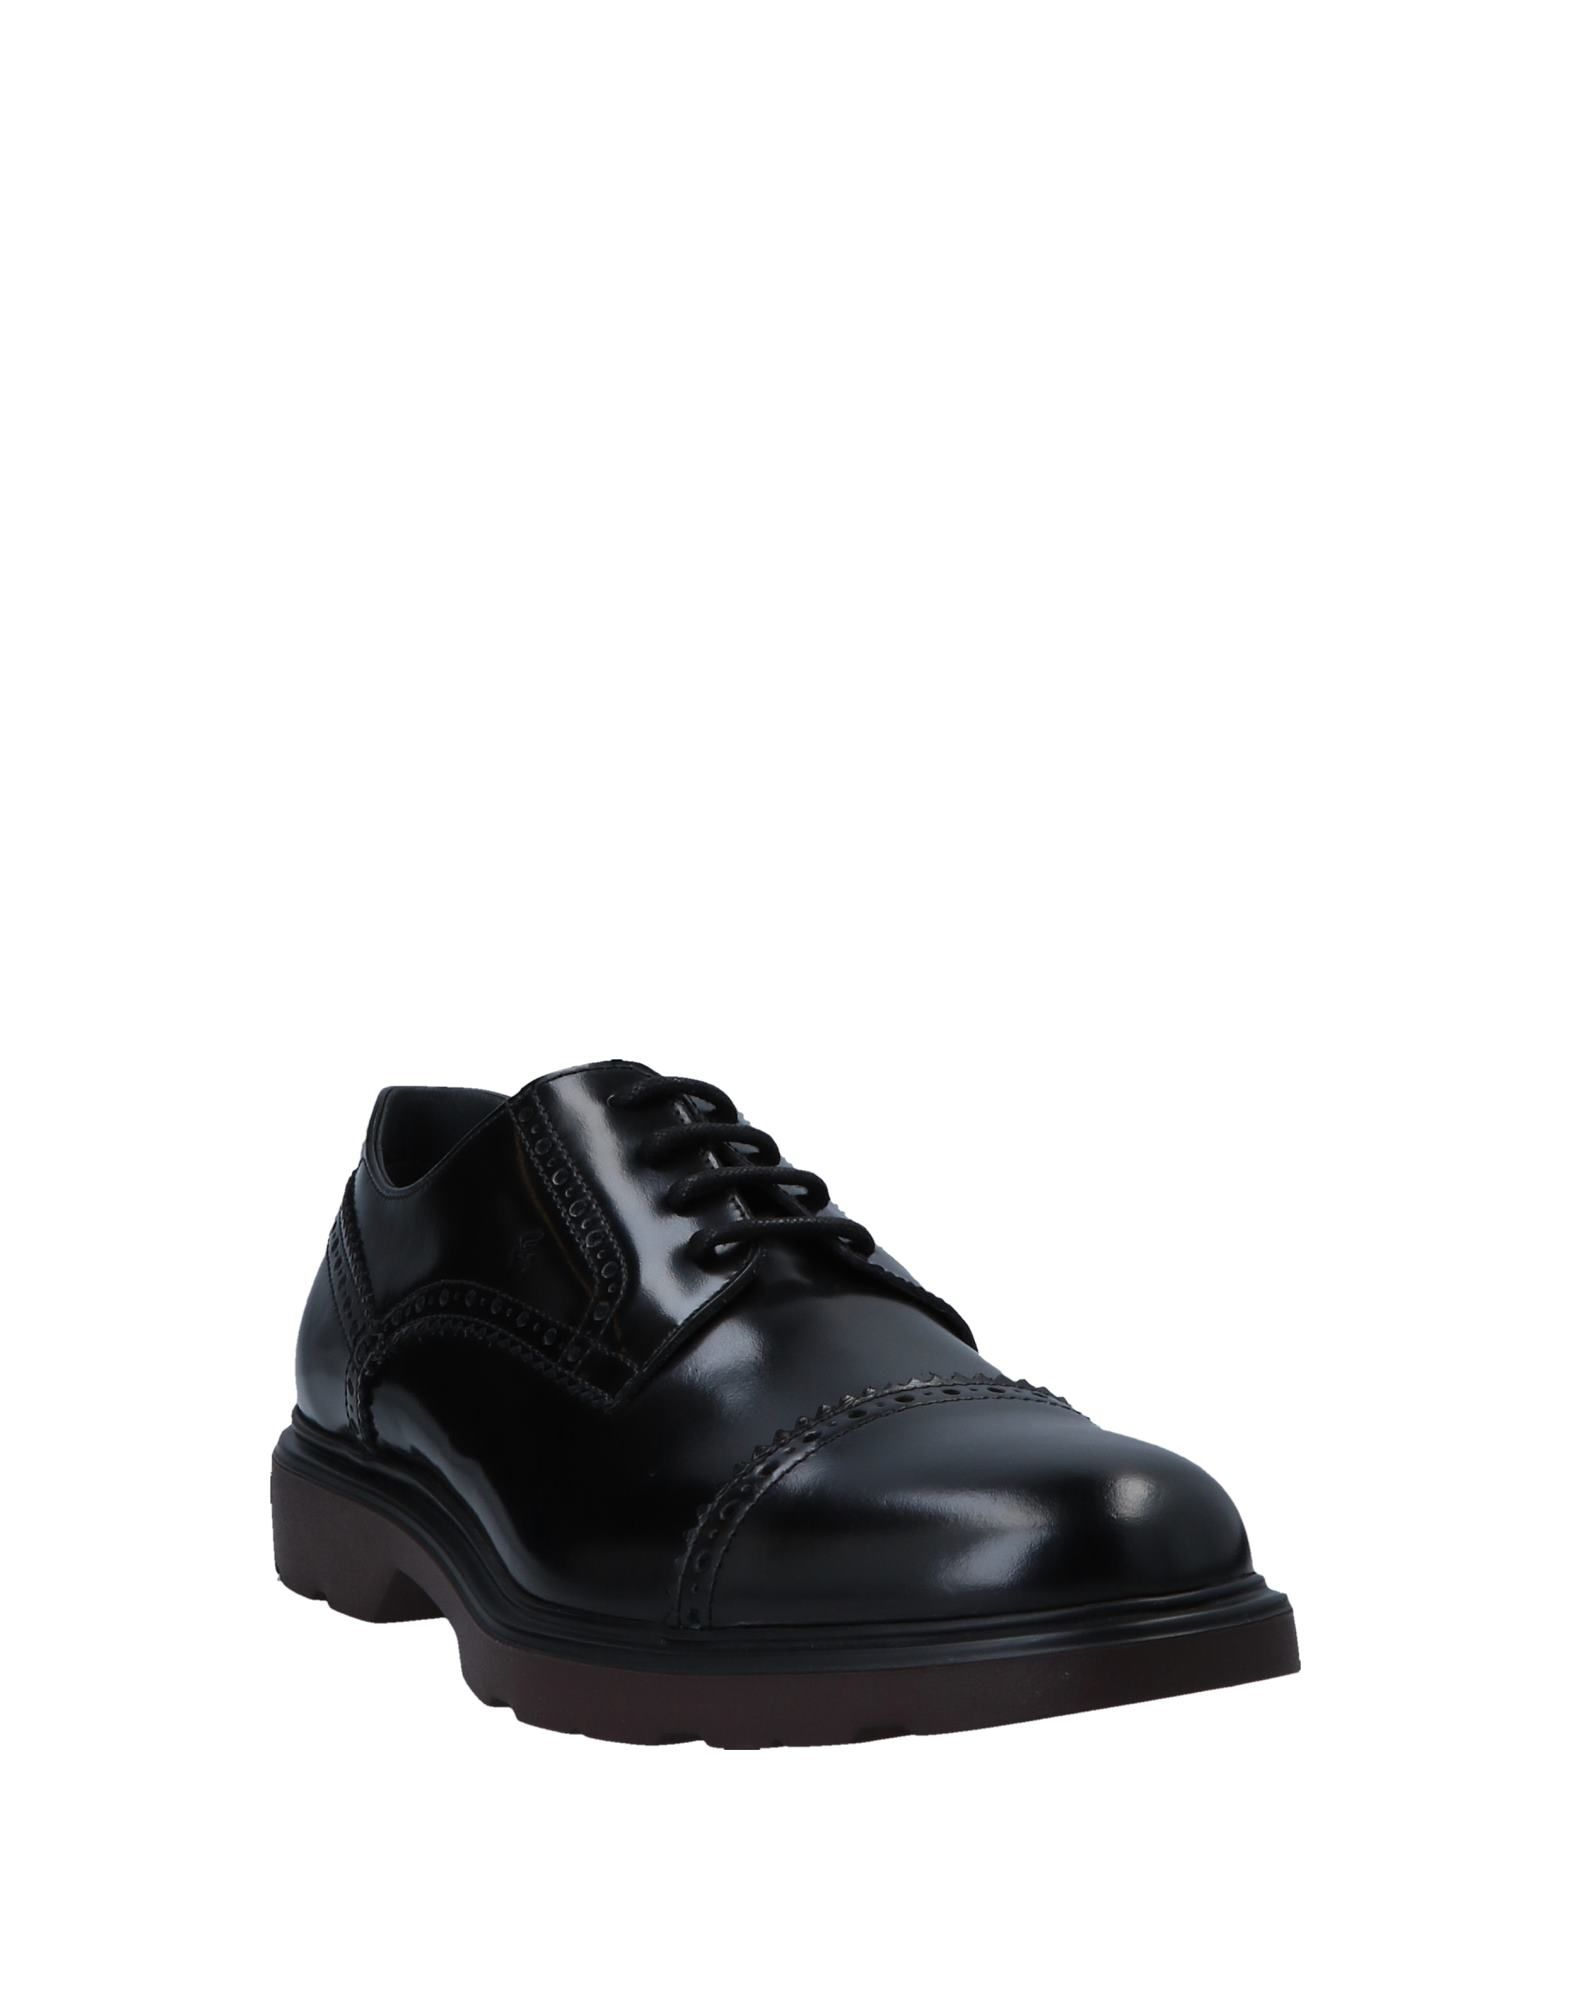 Hogan Schnürschuhe Herren  beliebte 11559760HA Gute Qualität beliebte  Schuhe 409c25